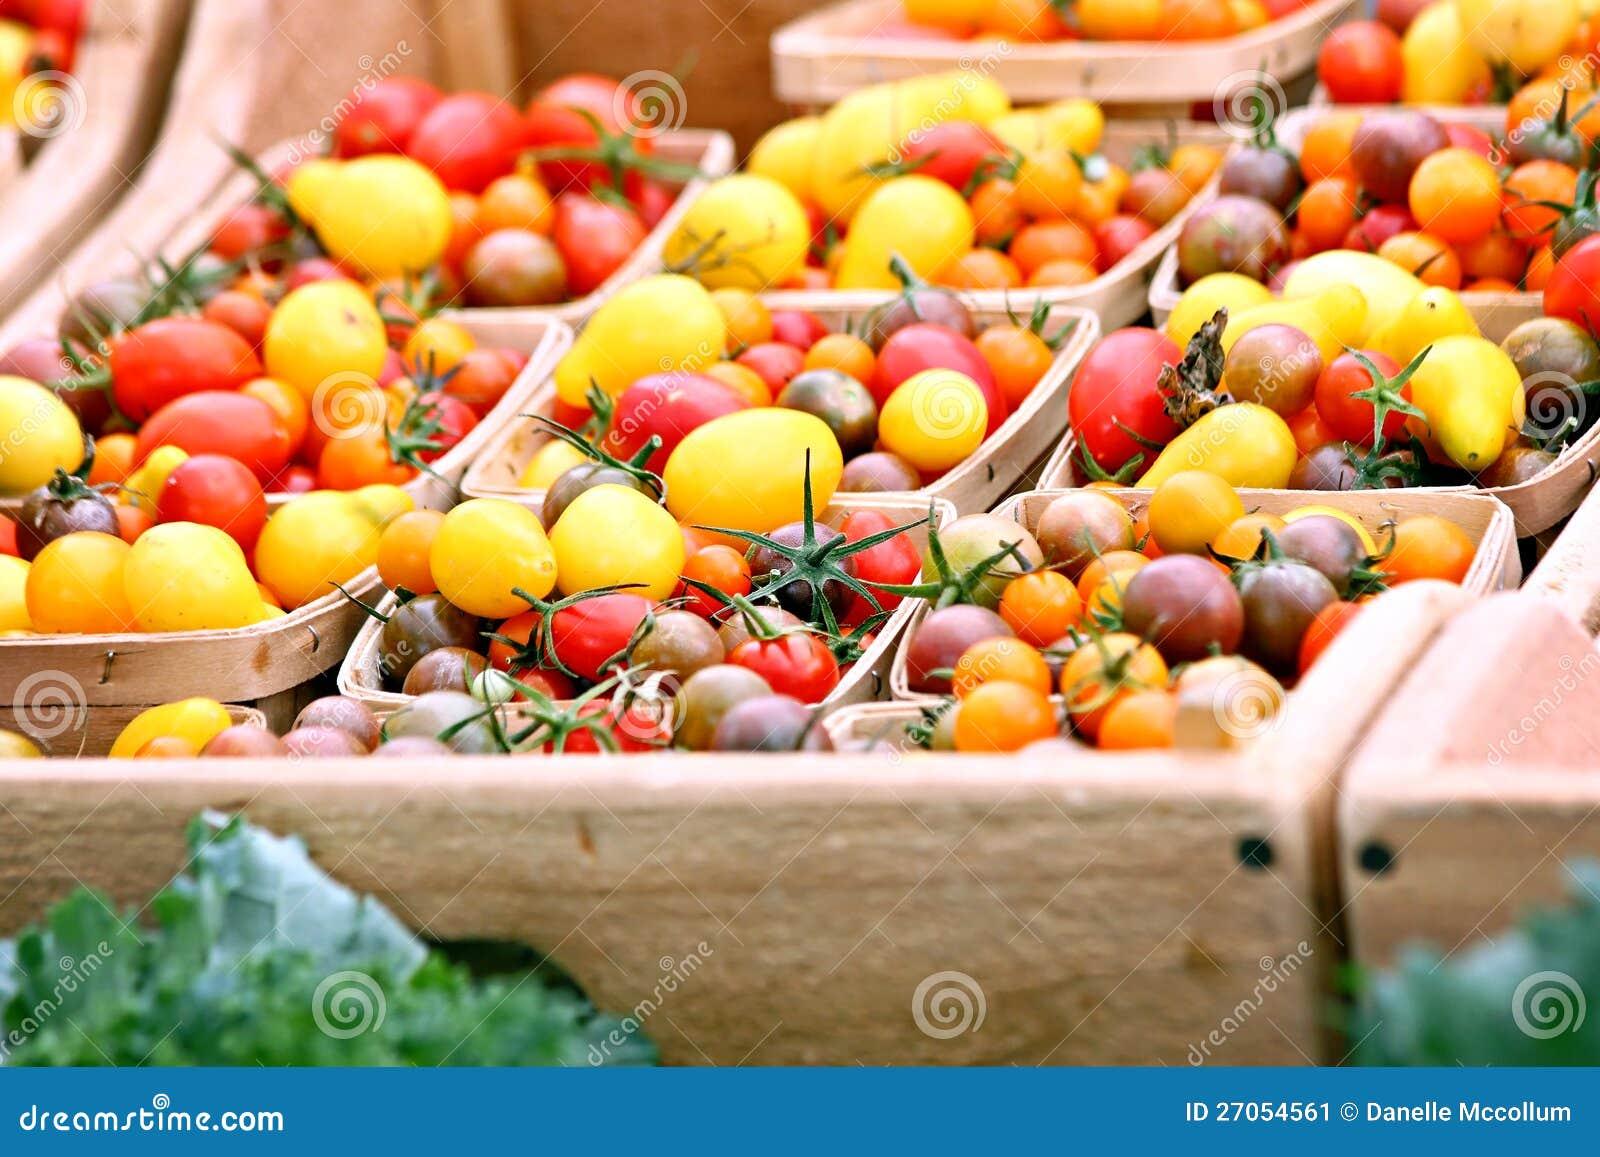 Heirloom Wiśni Pomidory